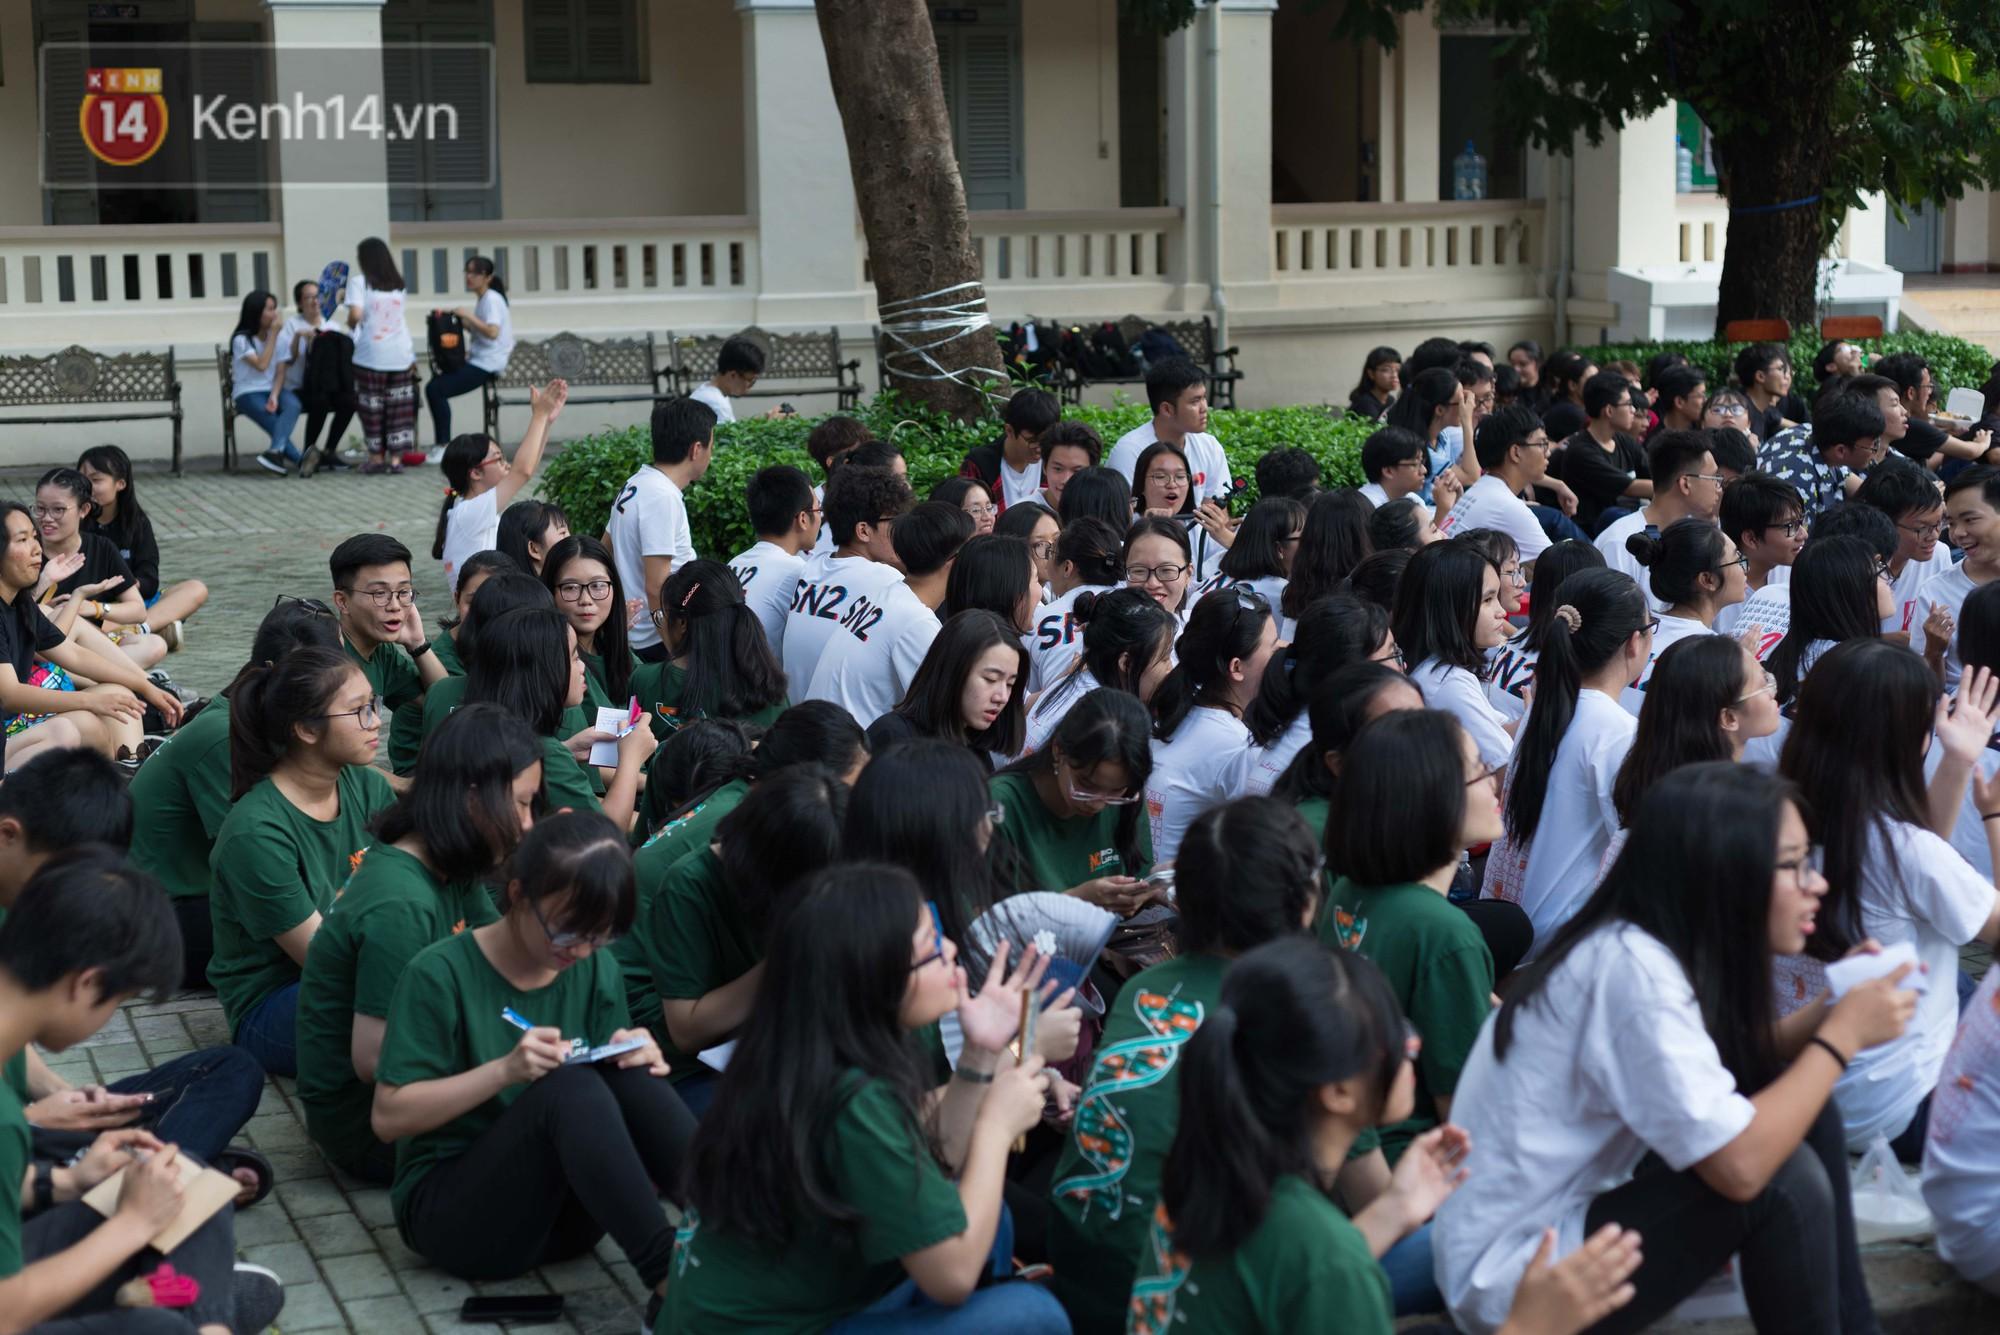 Đêm ra trường chuyên Lê Hồng Phong: Còn hơn những giọt nước mắt chính là cùng cười, cùng vui bên nhau đêm cuối - Ảnh 3.